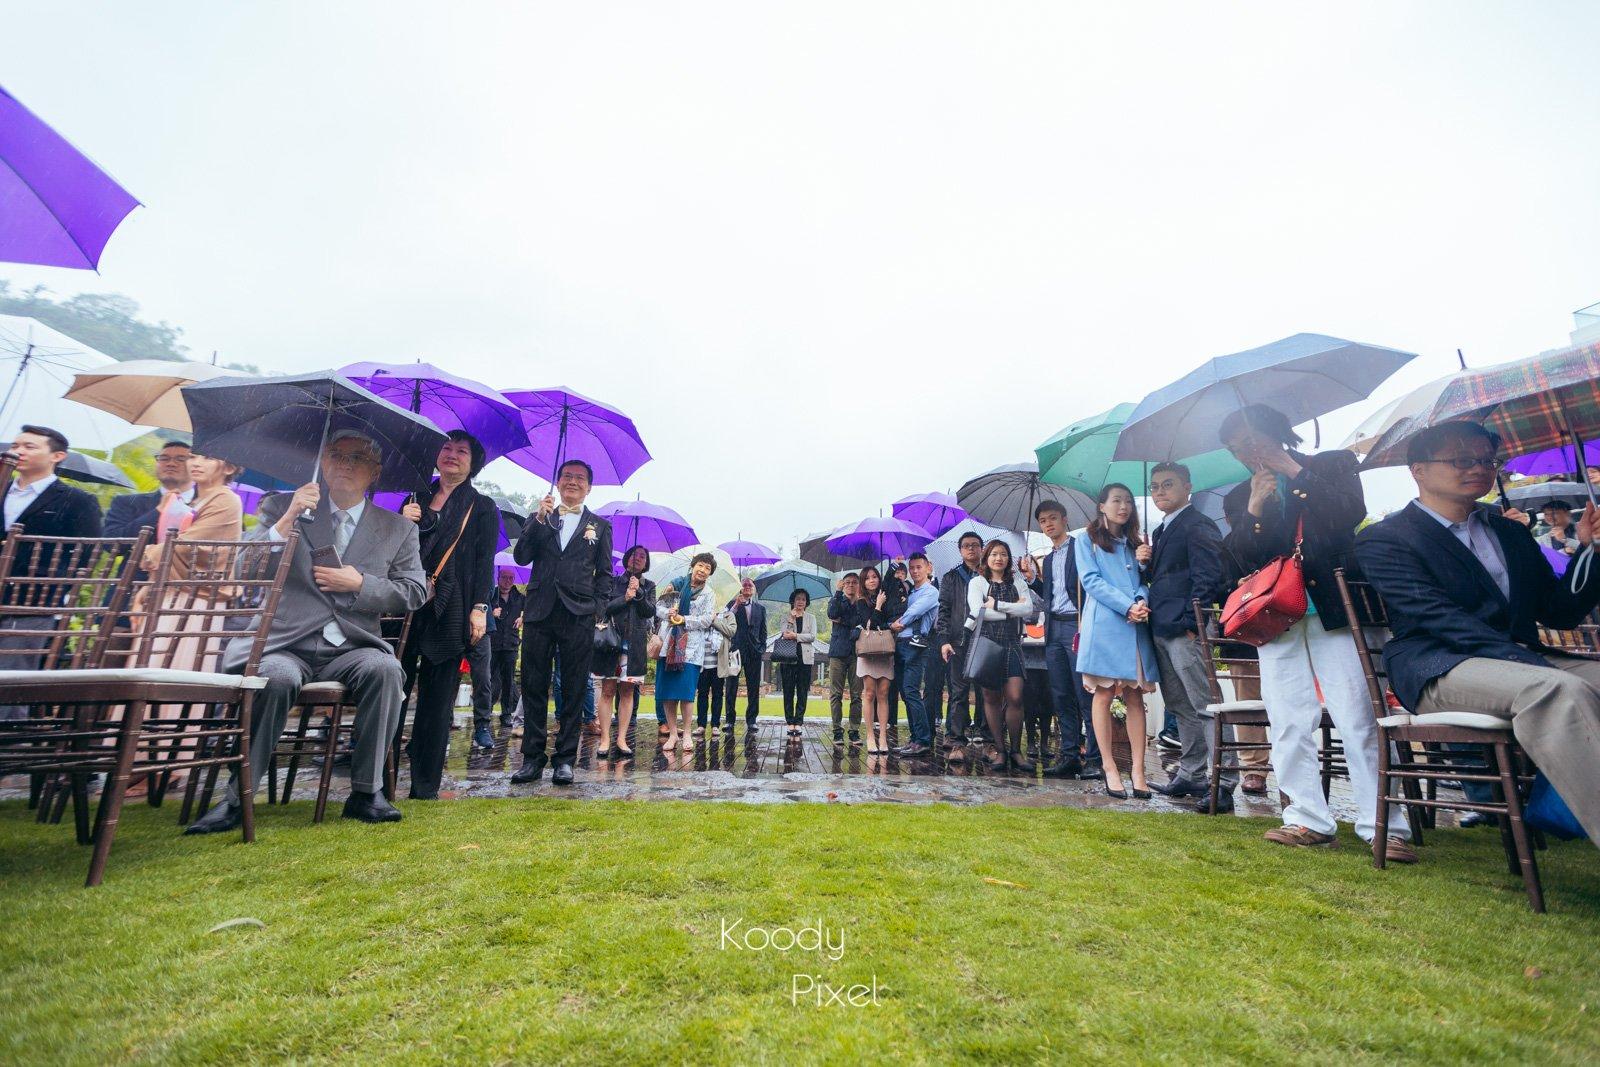 大雨也無礙朋友們參加Wedding的心情